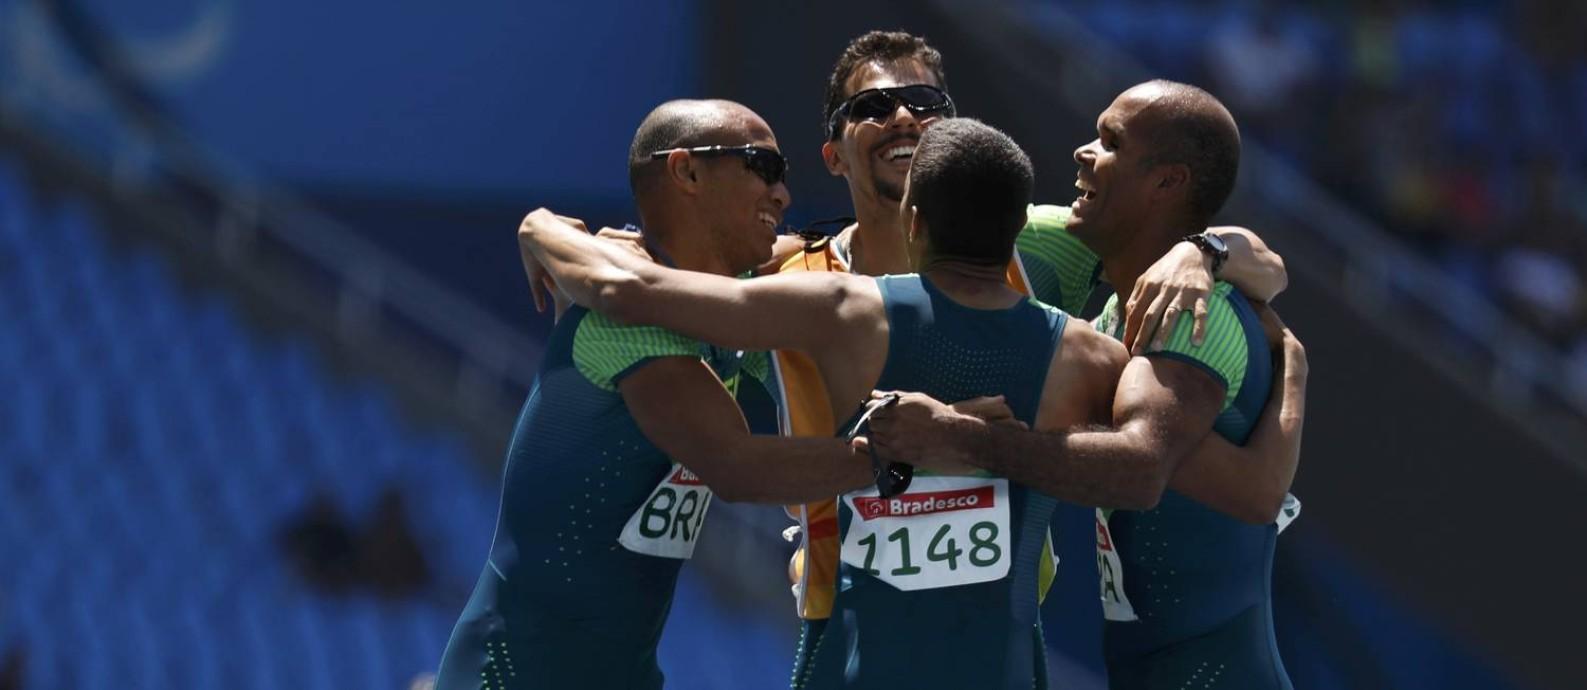 Um dos dois guias e três dos quatro corredores da equipe brasileira de revezamento festejam o ouro no 4x100m da classe T11-13 Foto: RICARDO MORAES / REUTERS